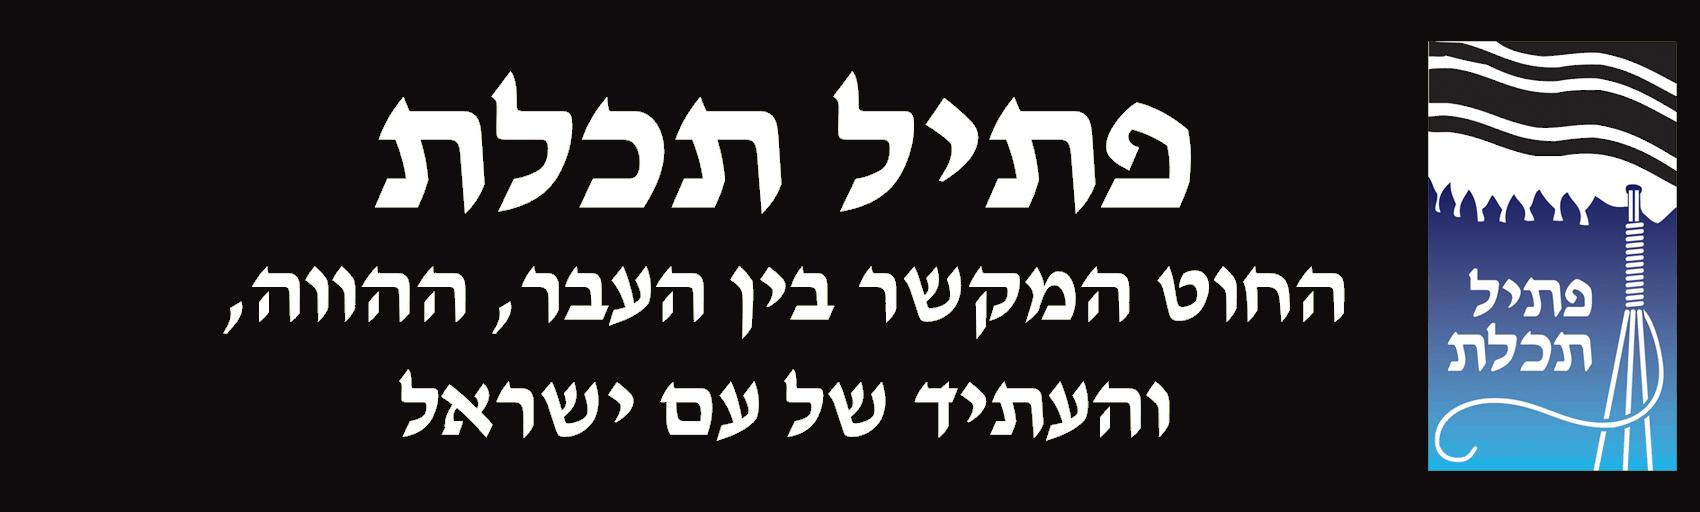 Ptil Tekhelet - פתיל תכלת